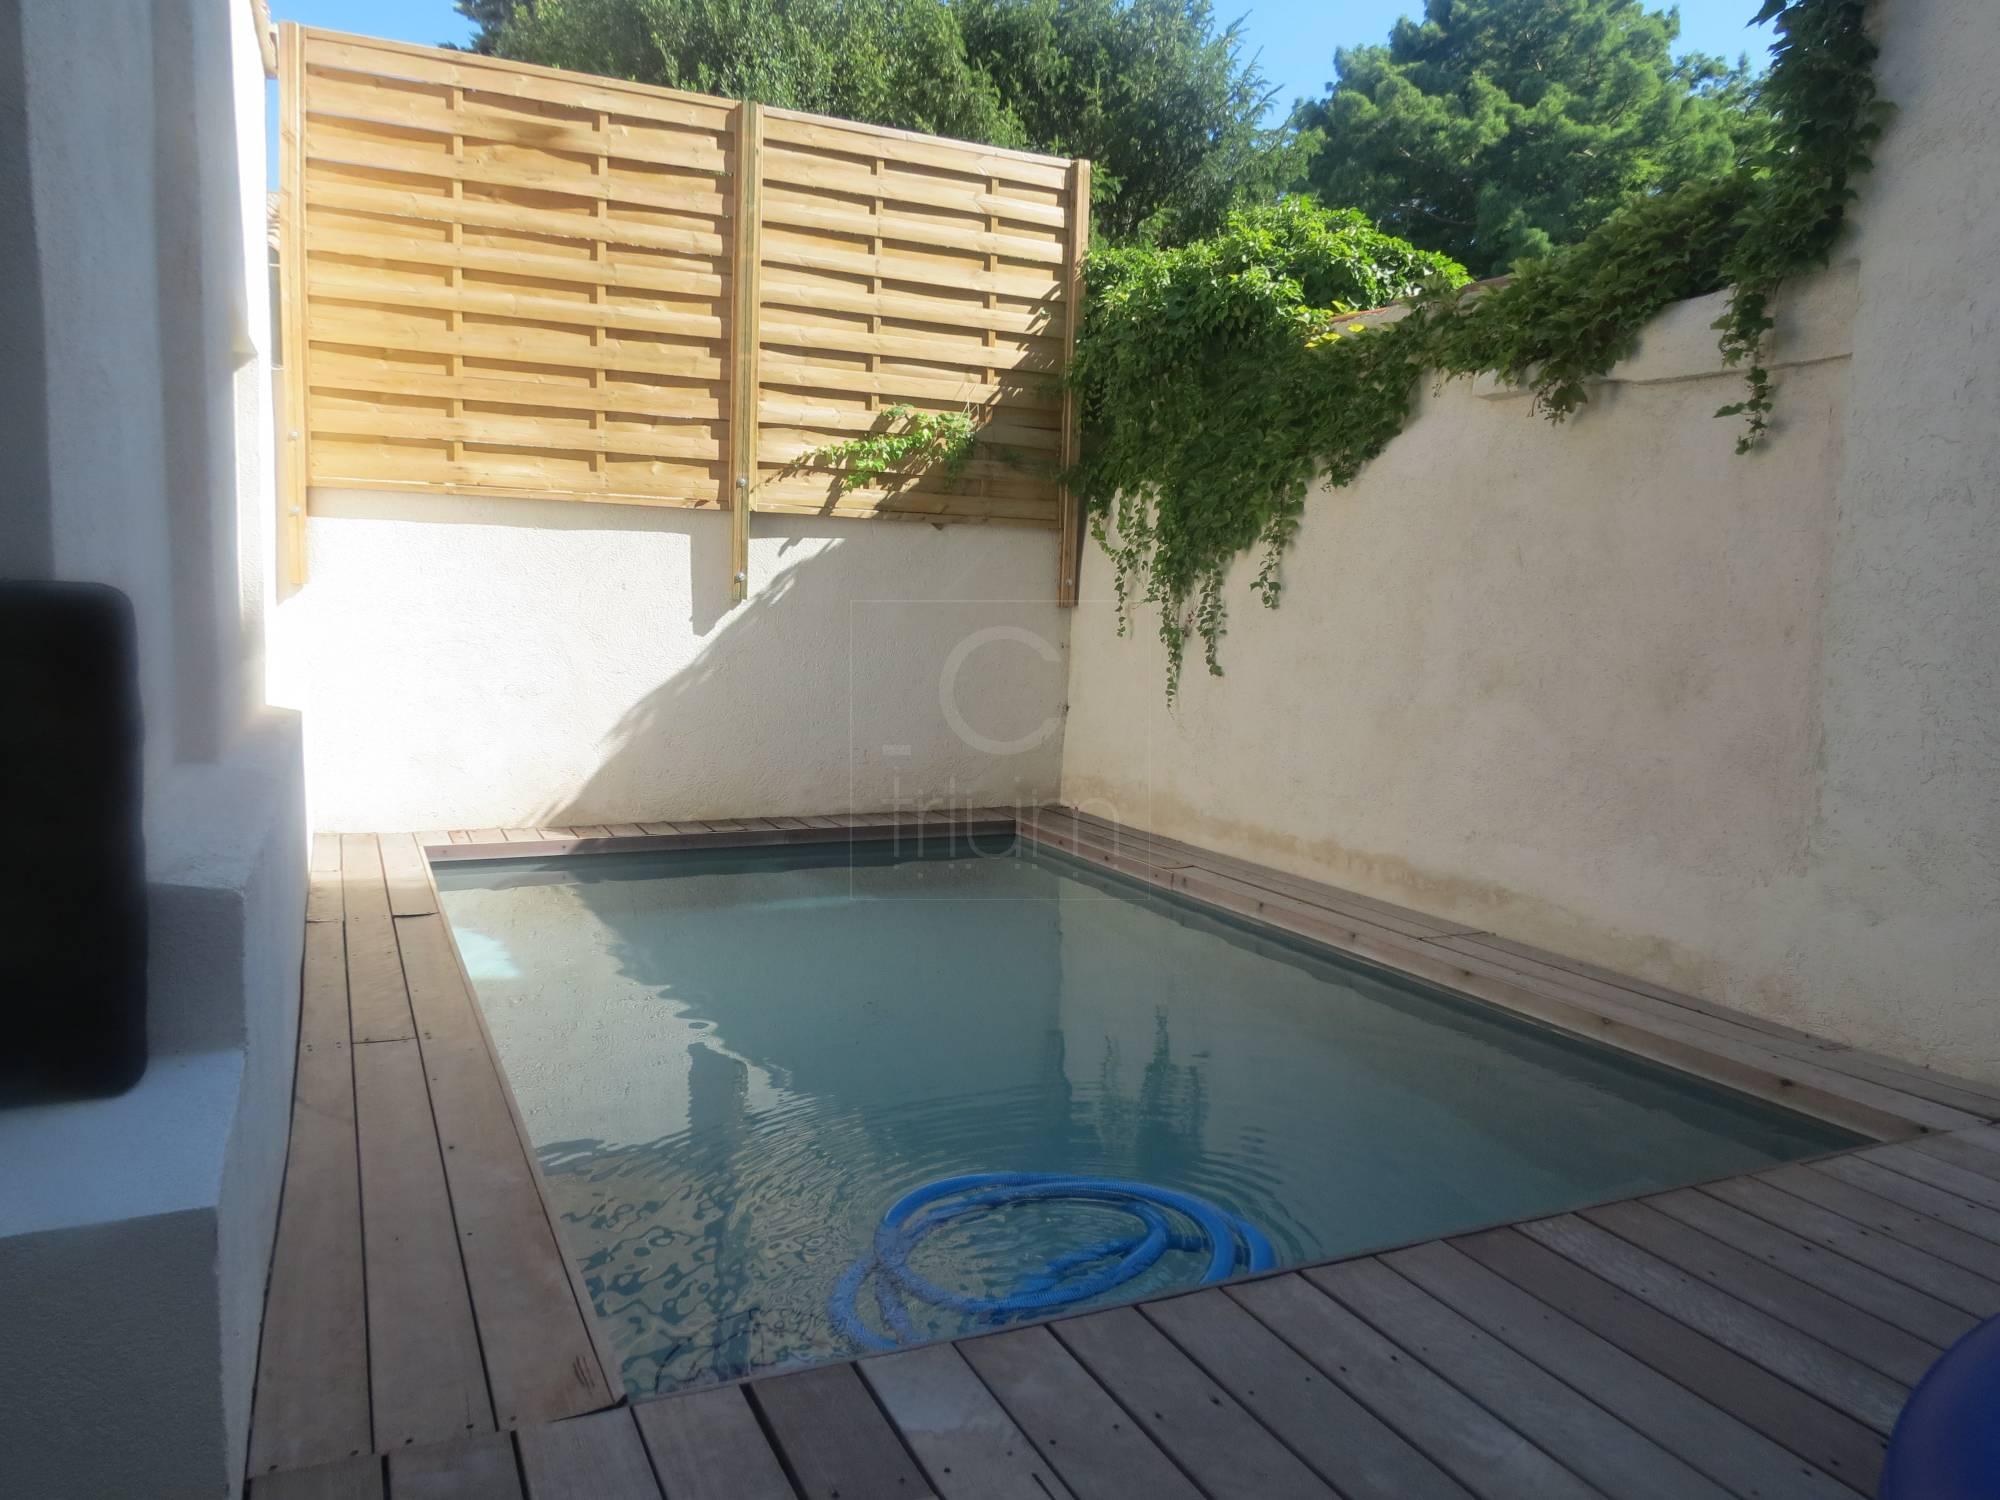 vente rez de jardin t5 f5 marseille 8eme piscine agence On piscine 8eme